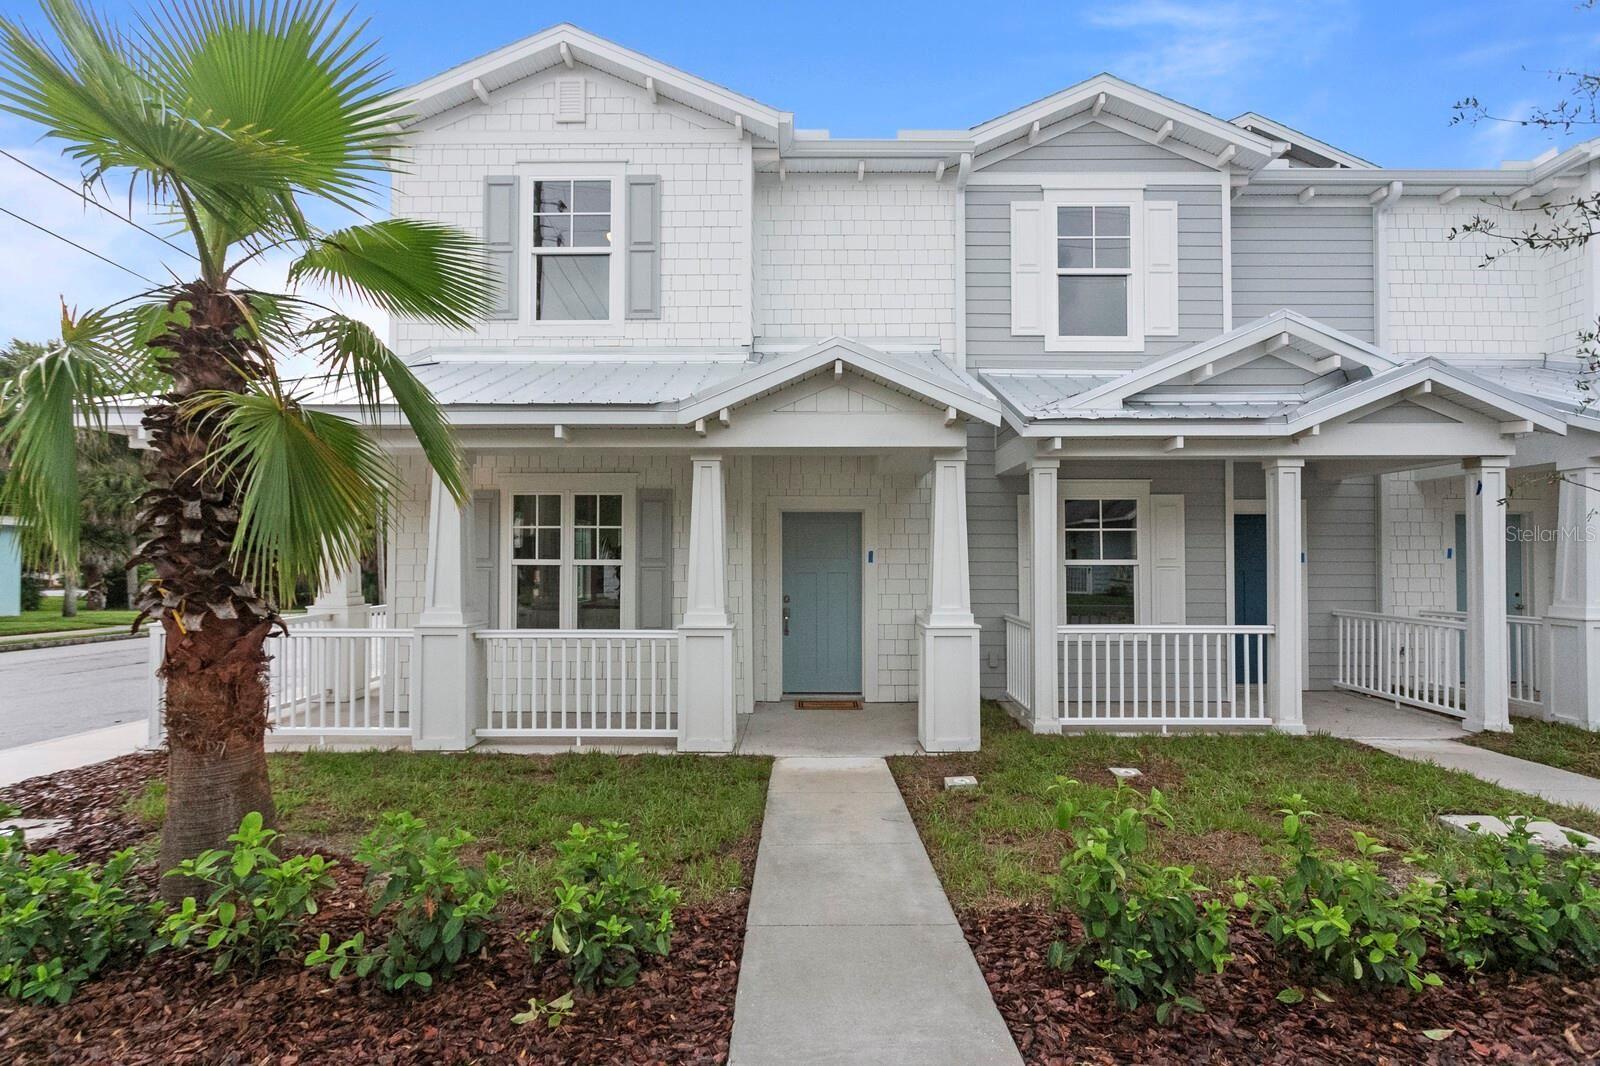 153 RING AVENUE N, Tarpon Springs, FL 34689 - MLS#: U8116198